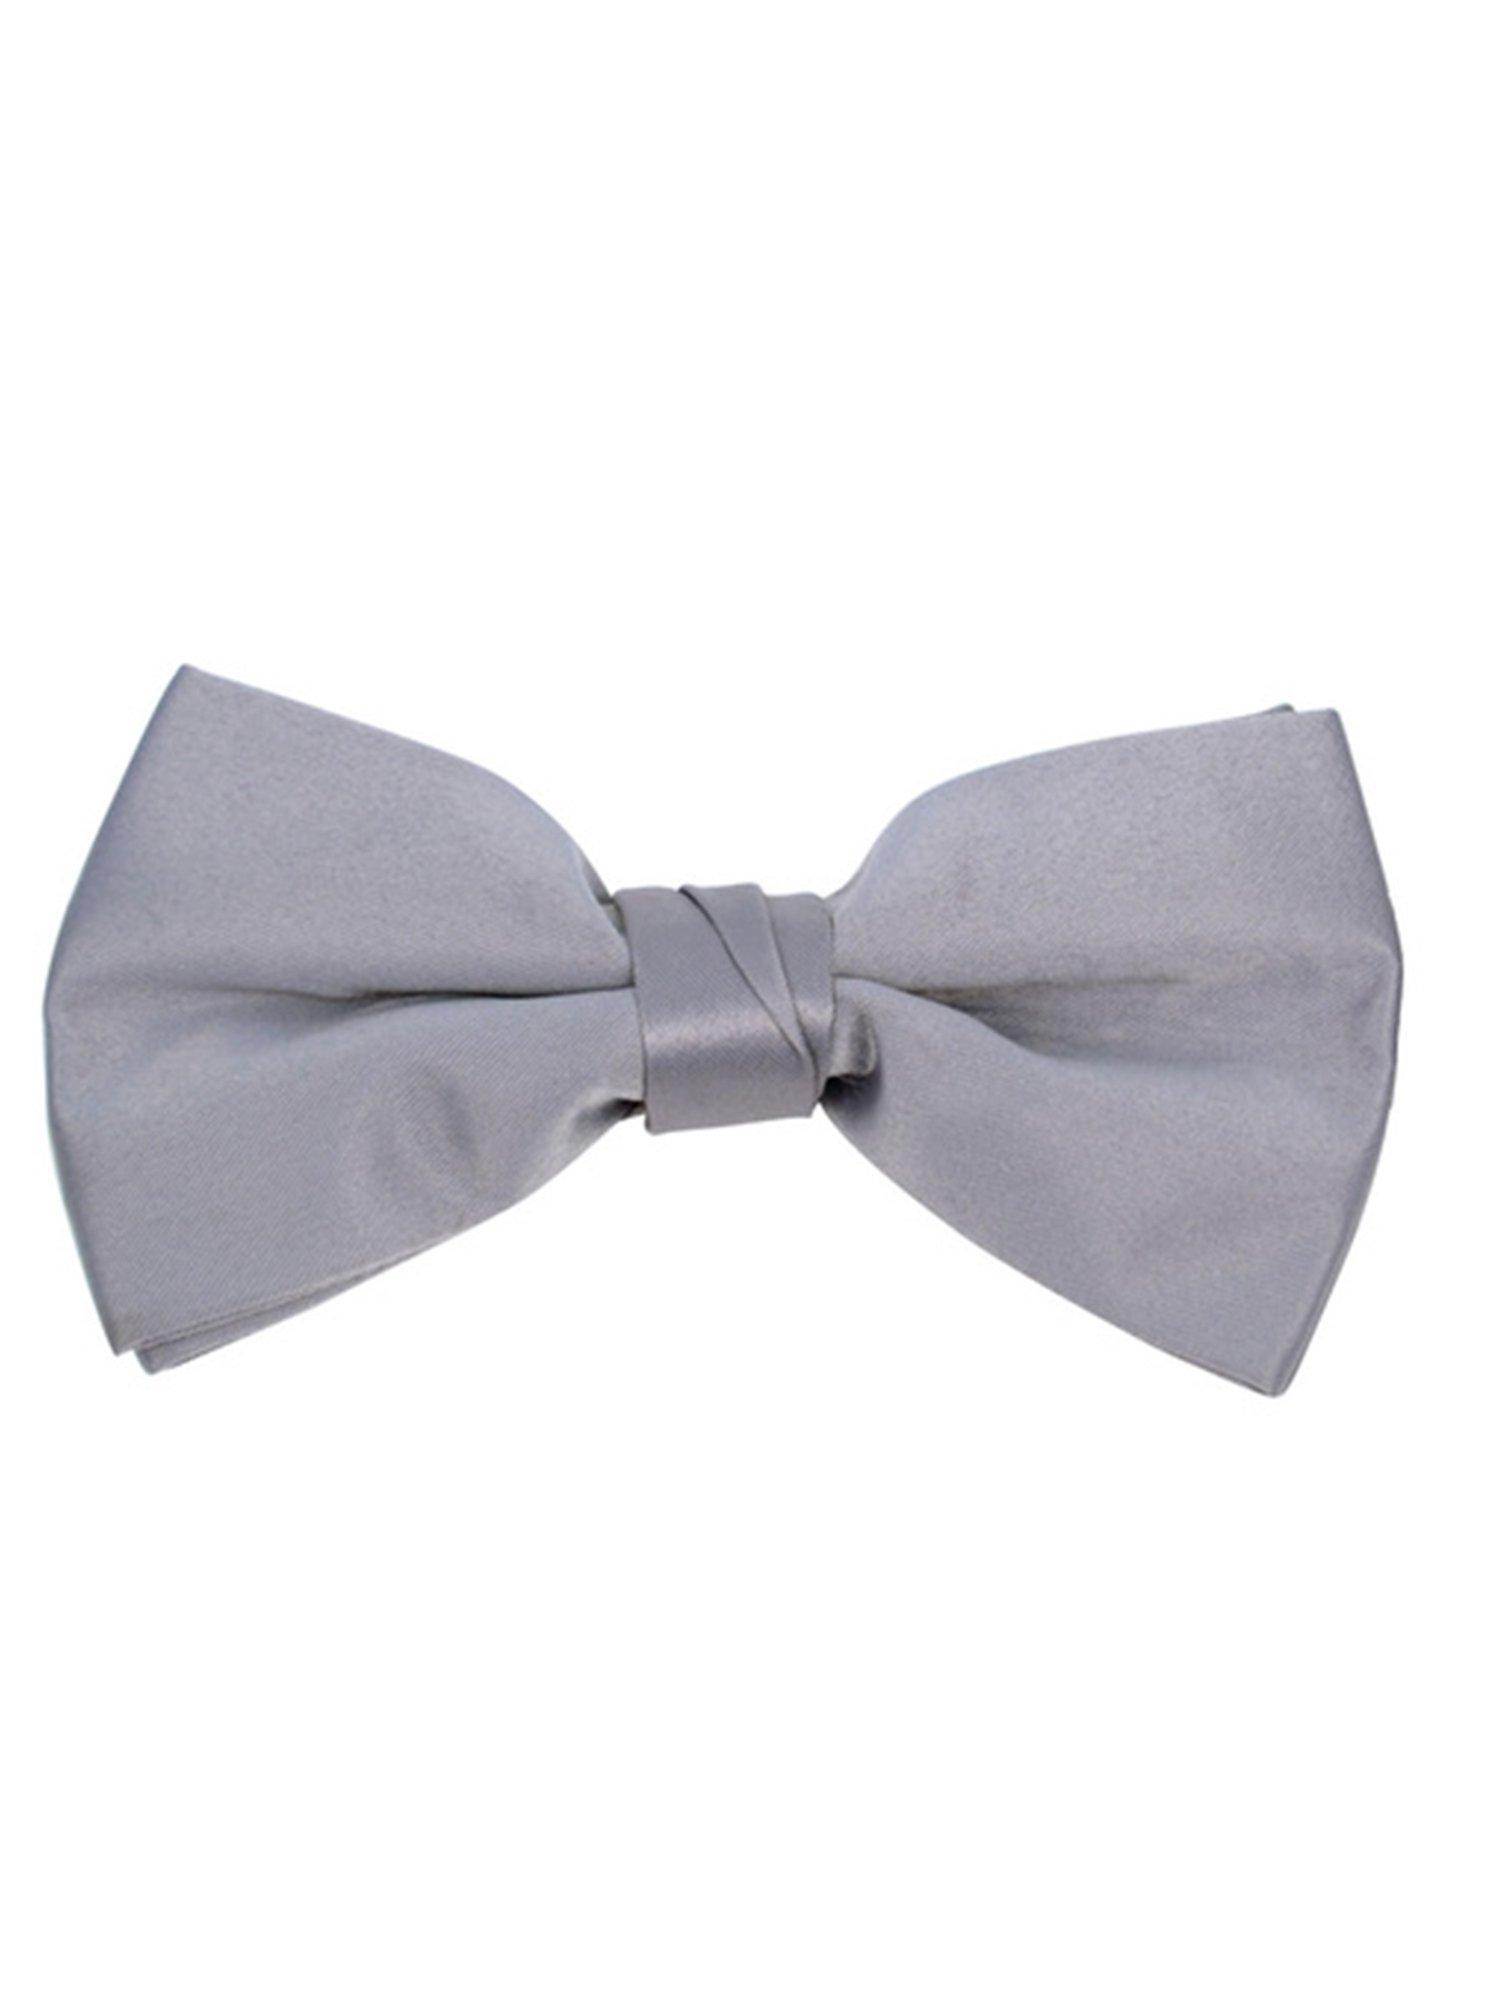 Young Boy's Gray Pre-tied Adjustable Length Bow Tie - Formal Tuxedo Solid Color